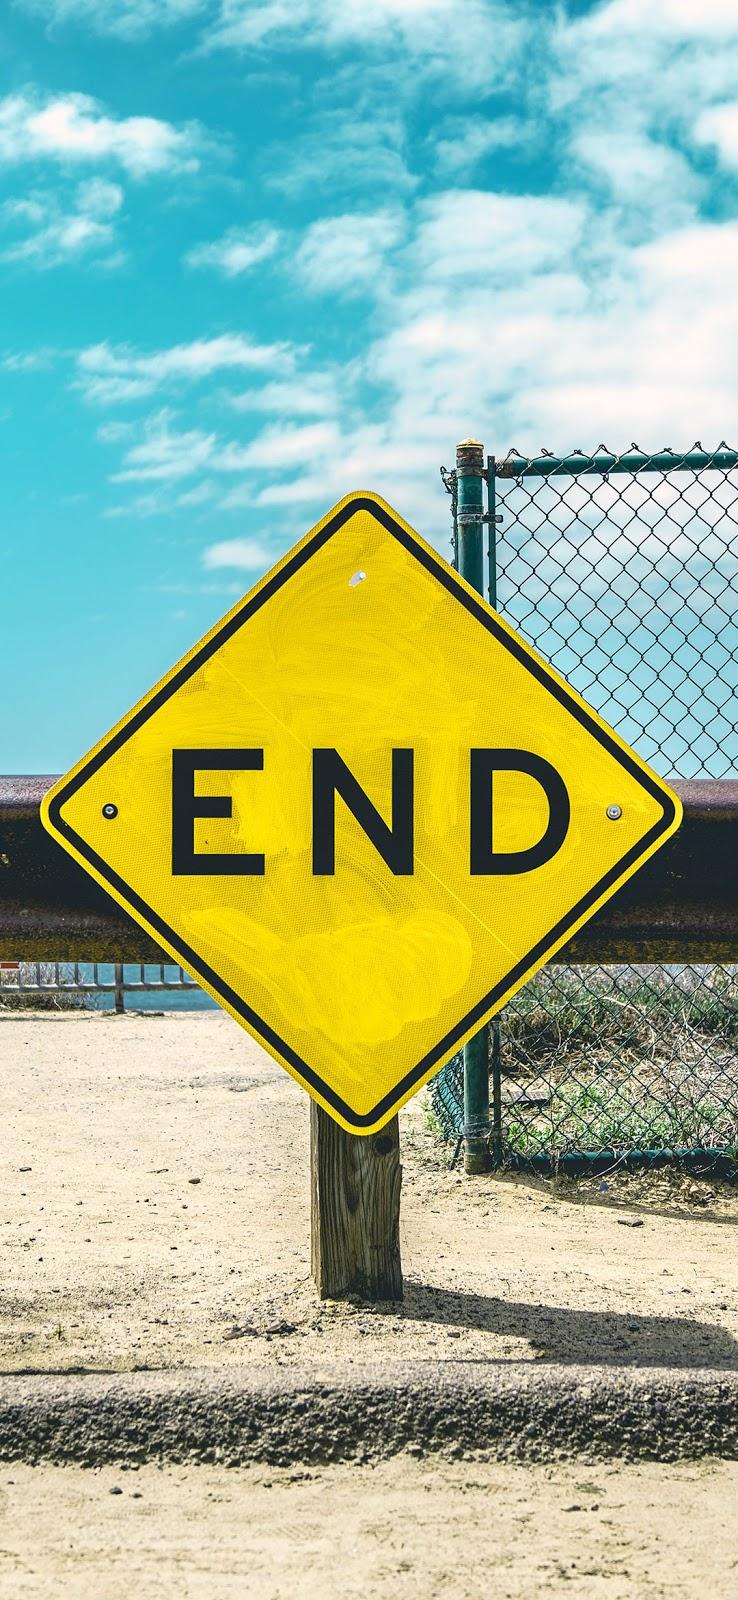 End sign on beige sand wallpaper